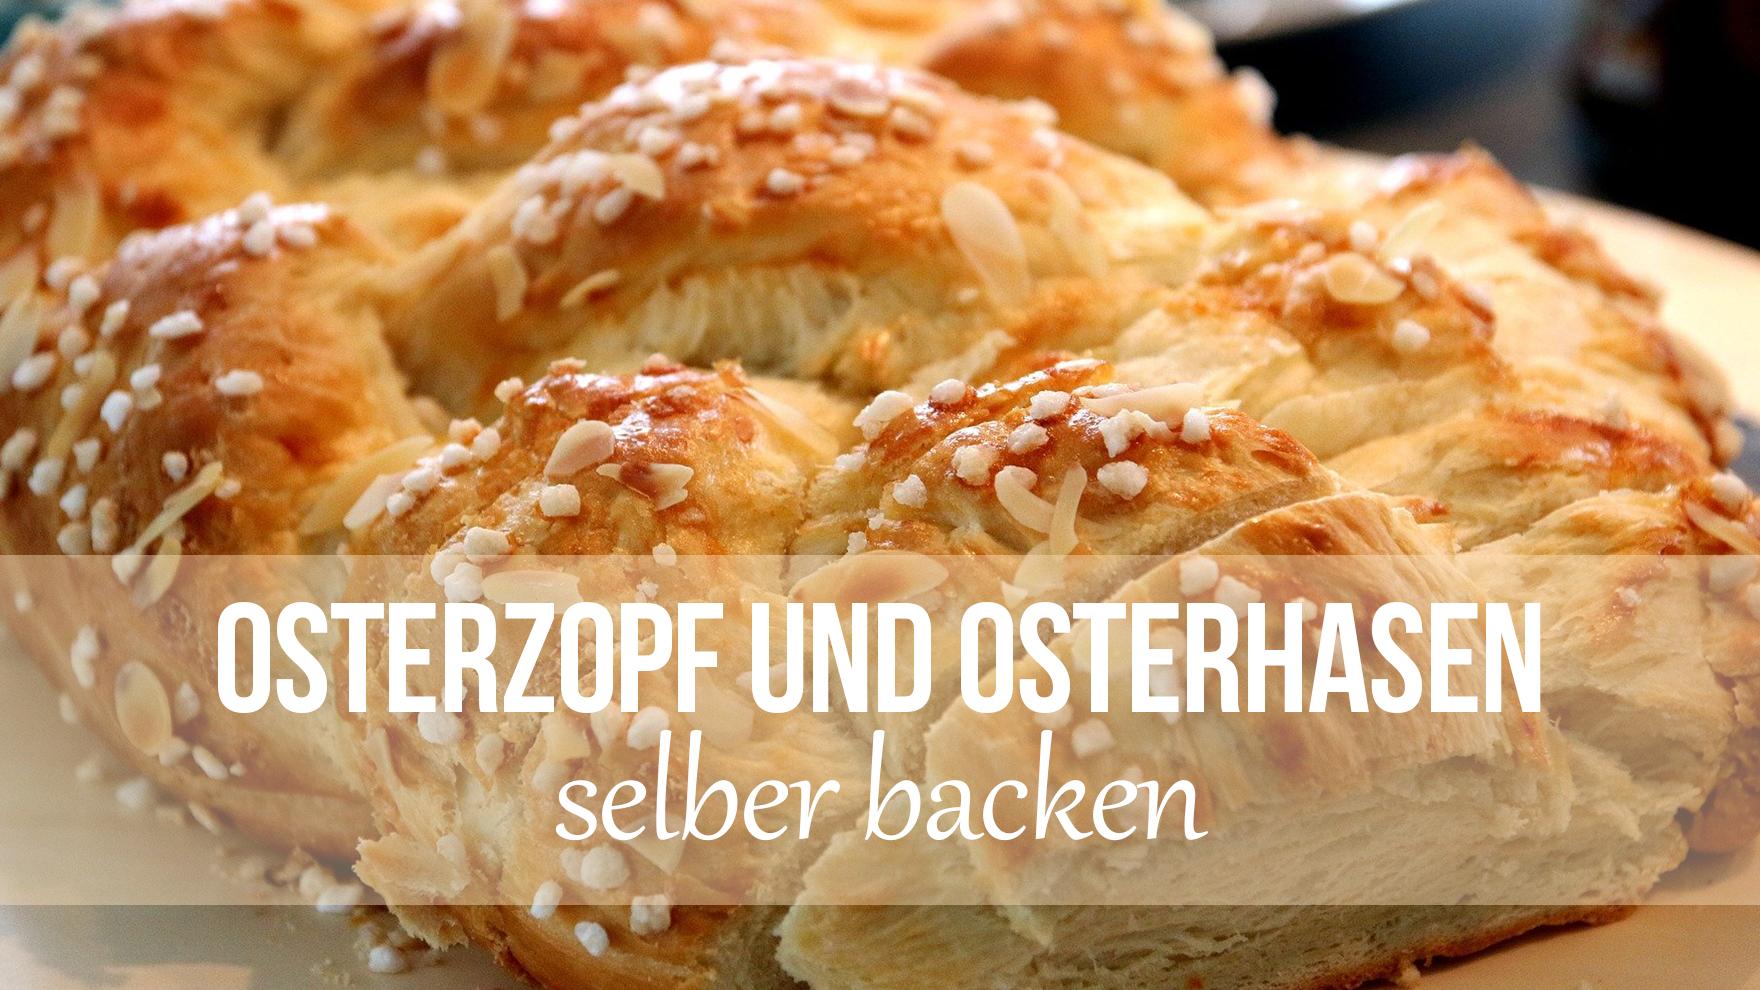 Osterzopf und Osterhasen selber backen mit Con Festi